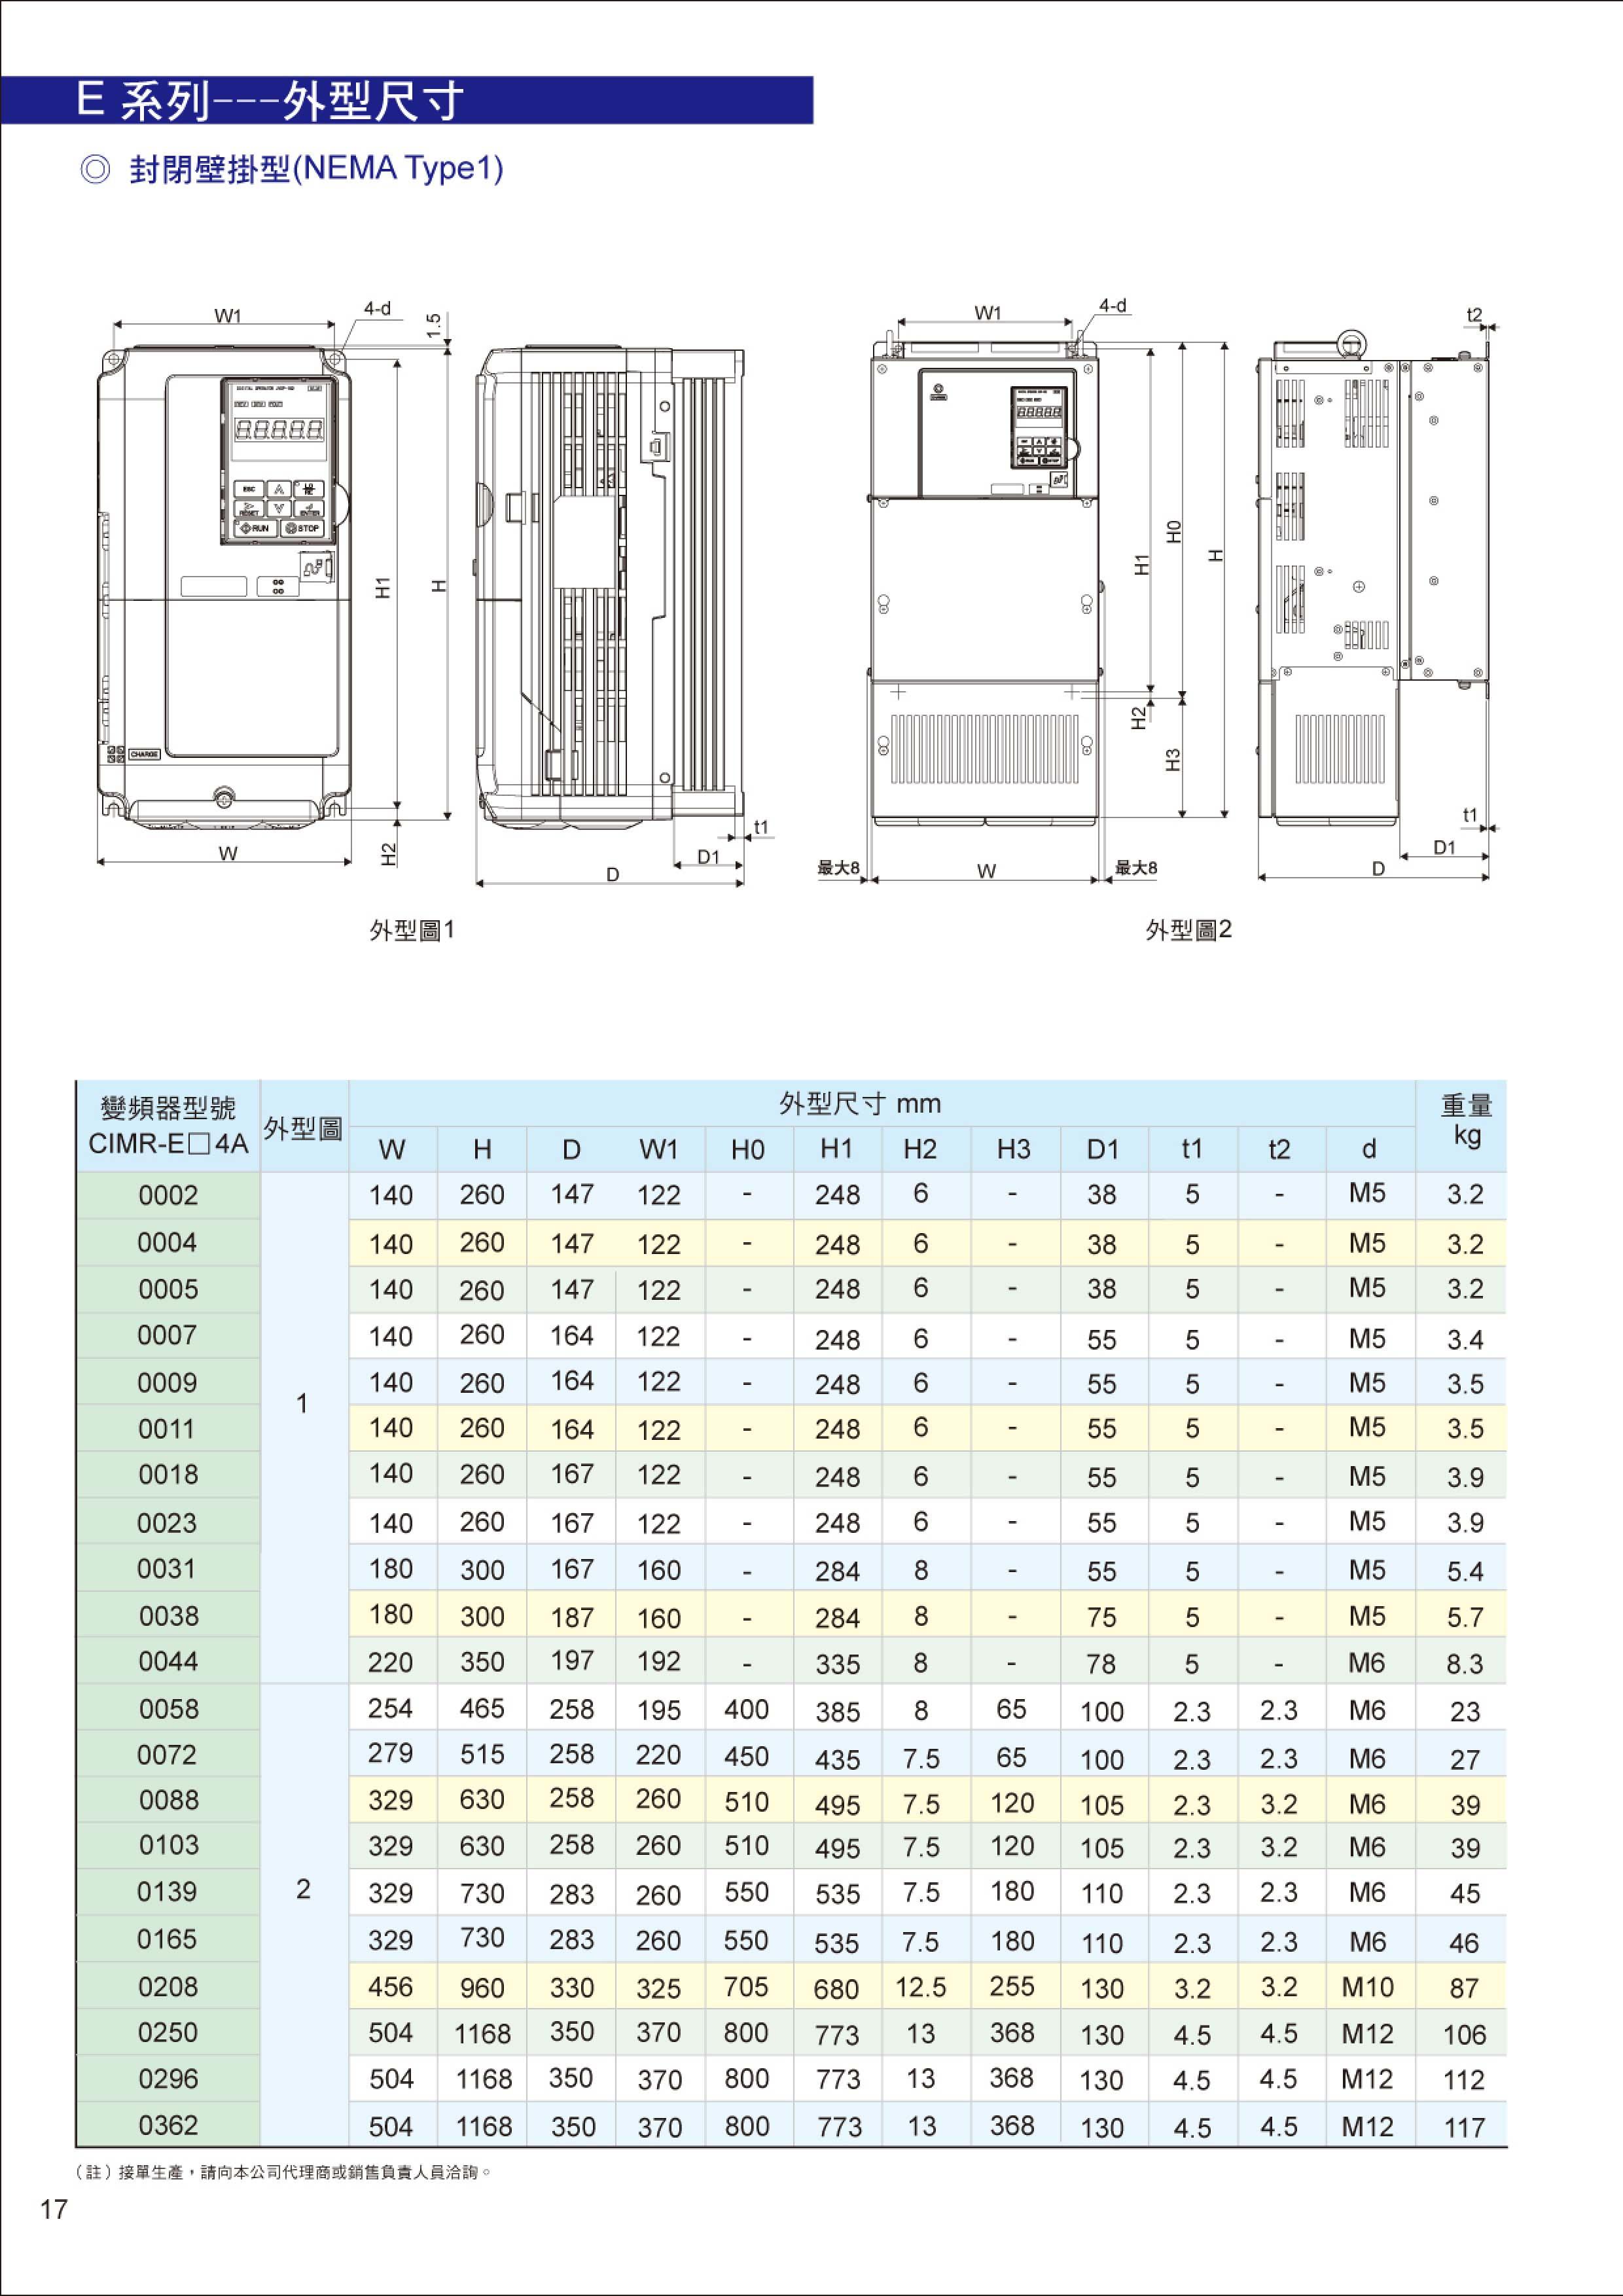 安川變頻器型錄-2012-07-18